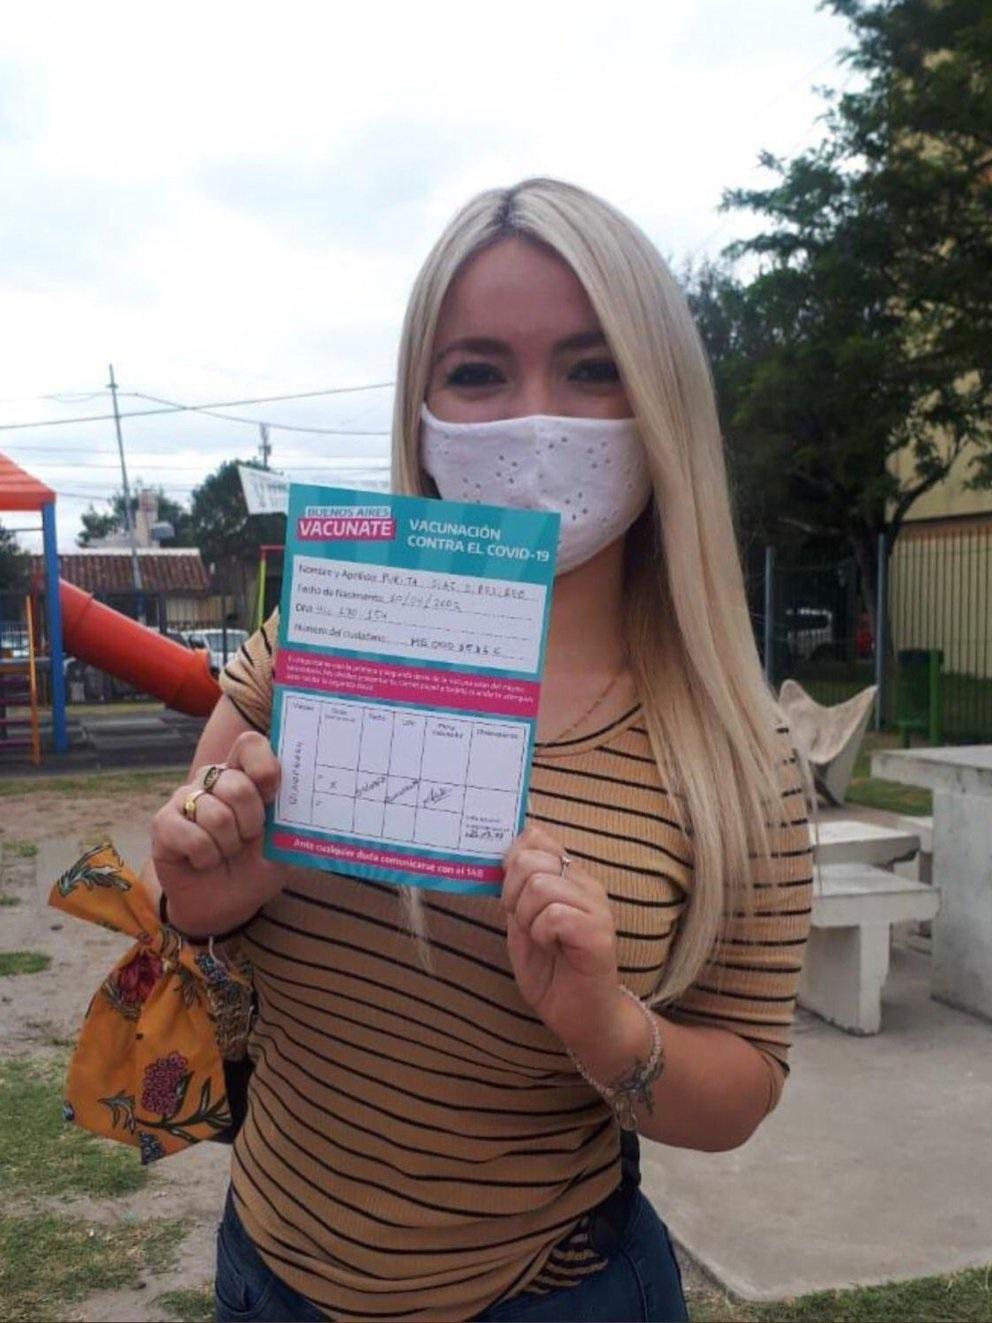 Nuevo escandalo en la vacunacion vip: una militante de 18 cercana a Jorge Ferraresi se vacuno